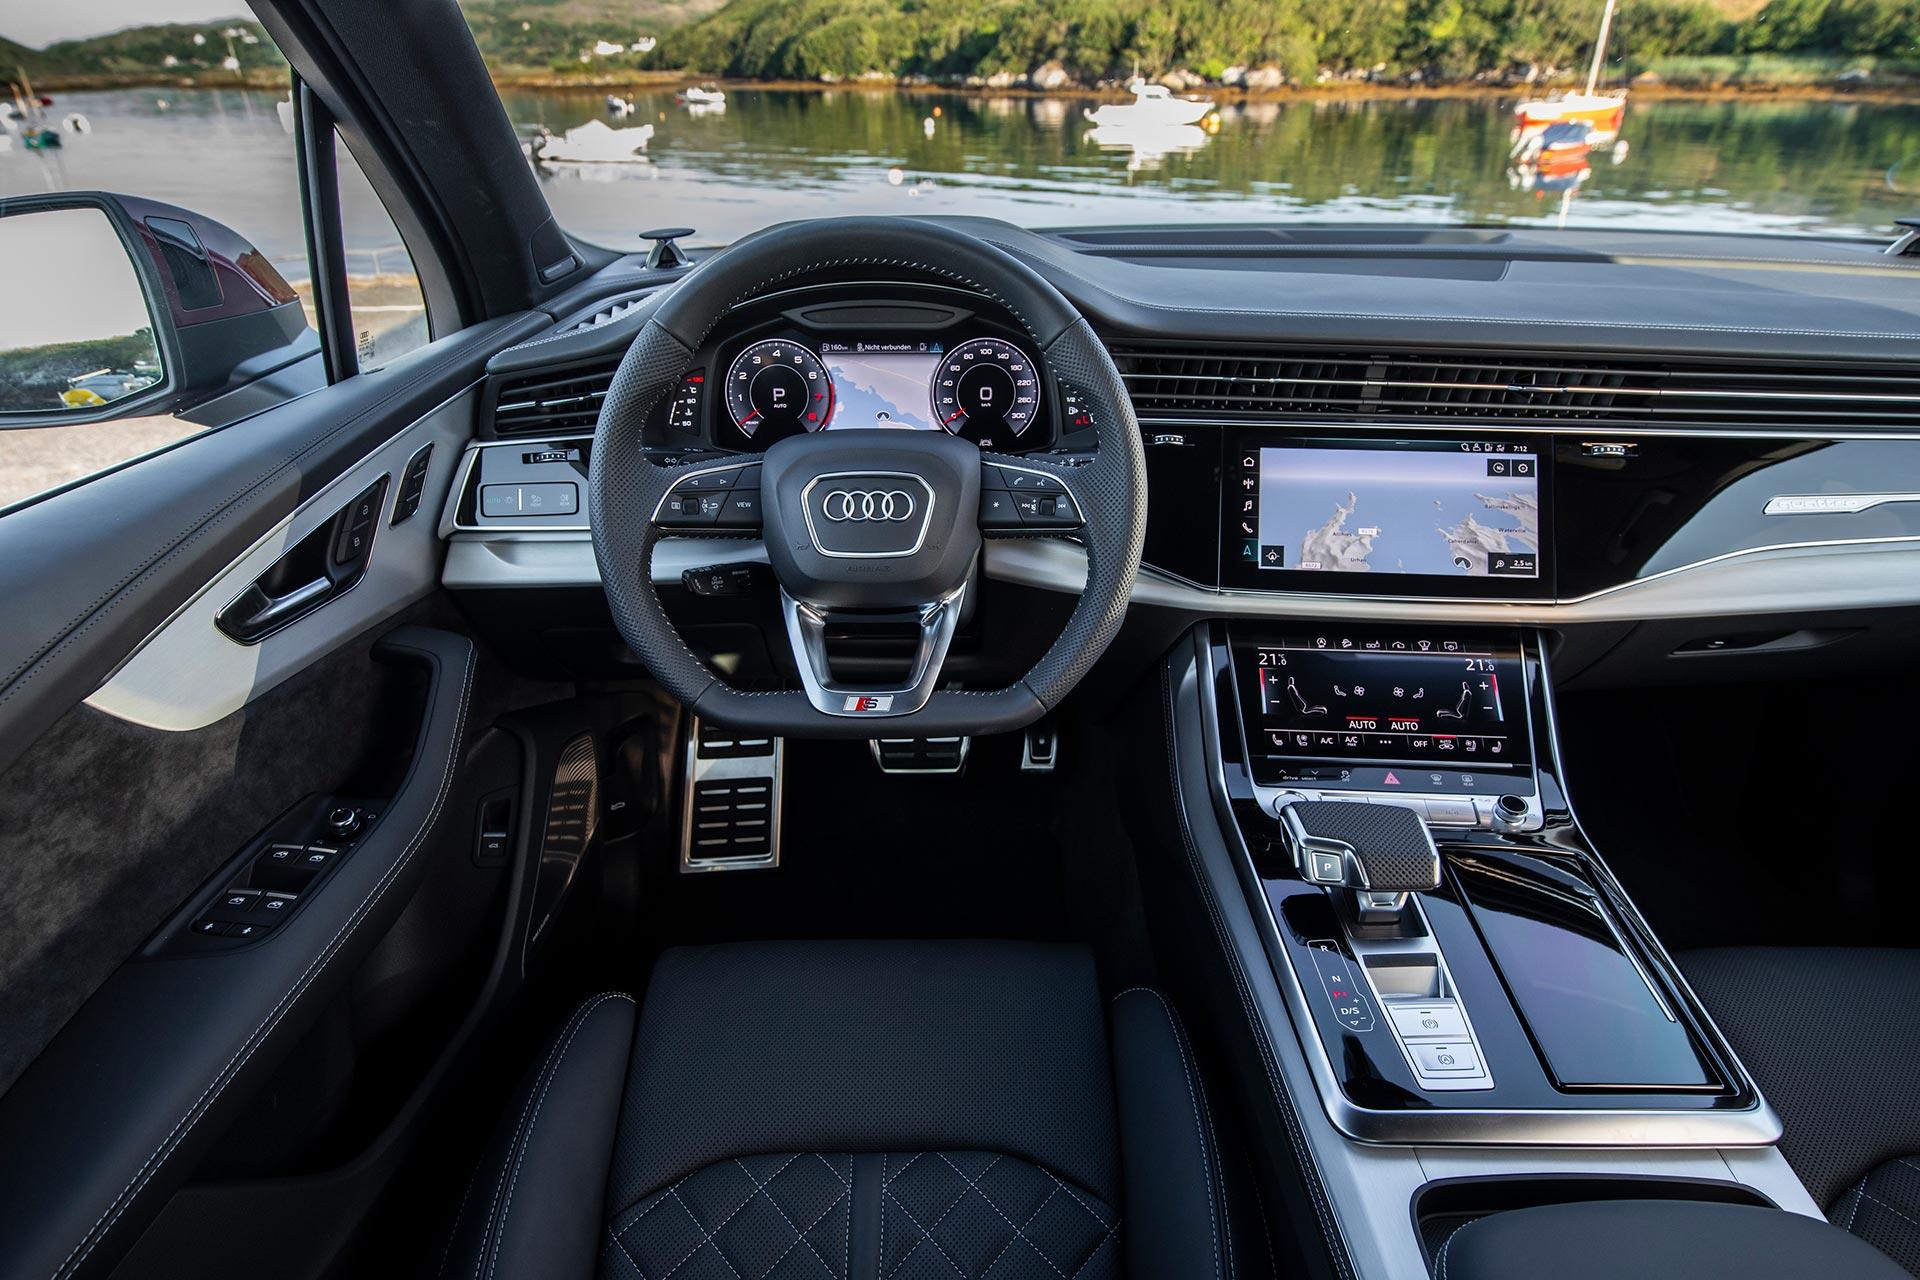 Audi Lanzo El Nuevo Q7 En Argentina Mega Autos